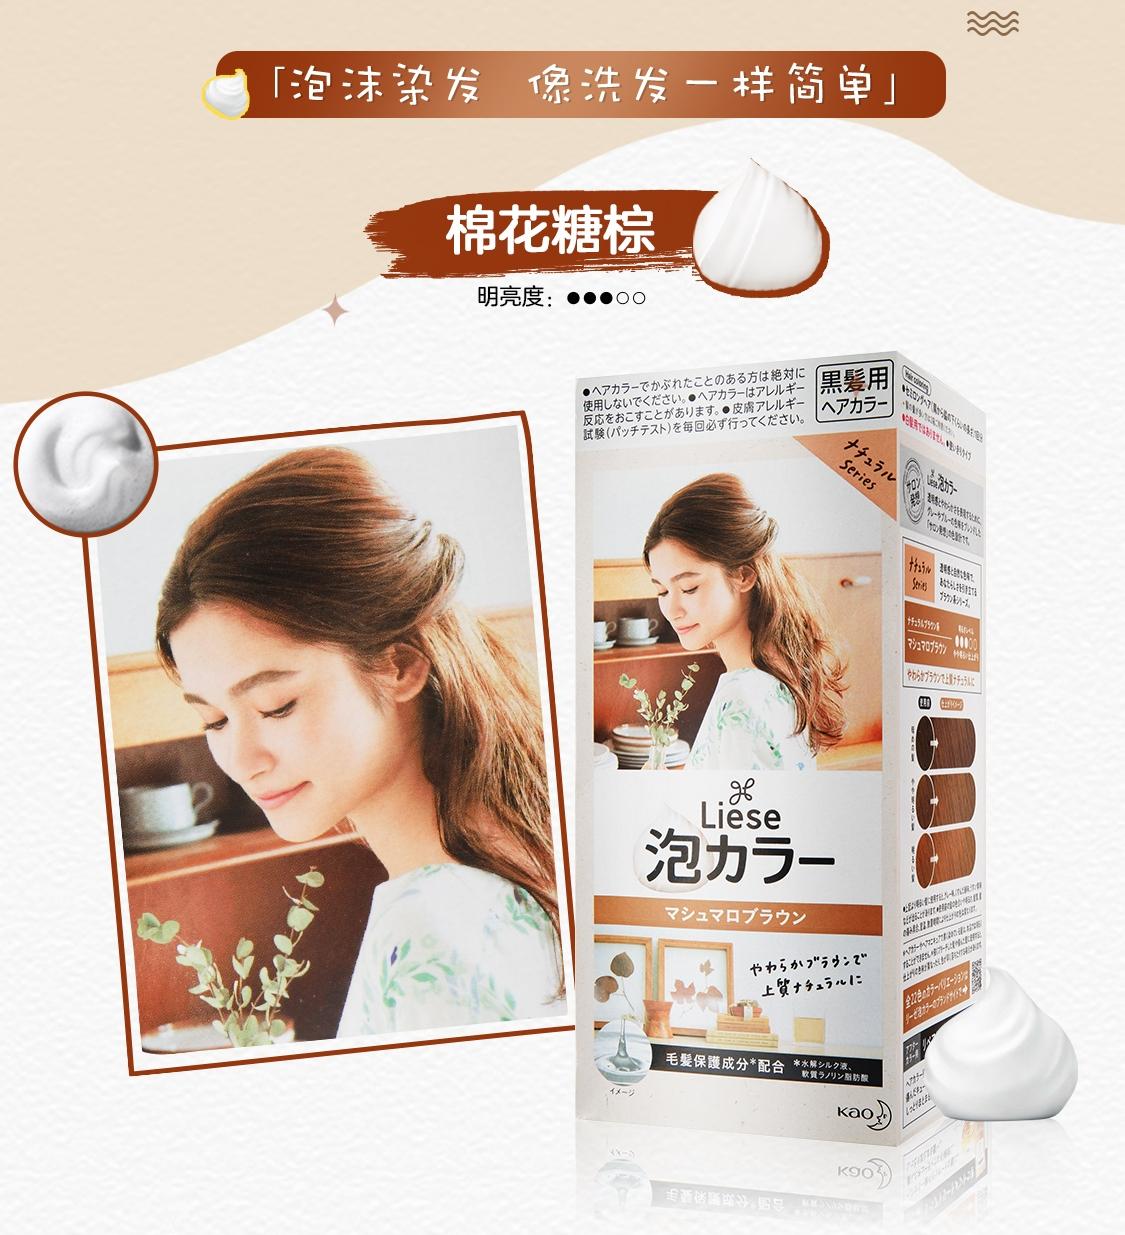 日本进口 花王(KAO)Prettia泡沫染发膏 棉花糖棕(1液34ml 2液66ml 护发素8g )植物泡泡不伤发